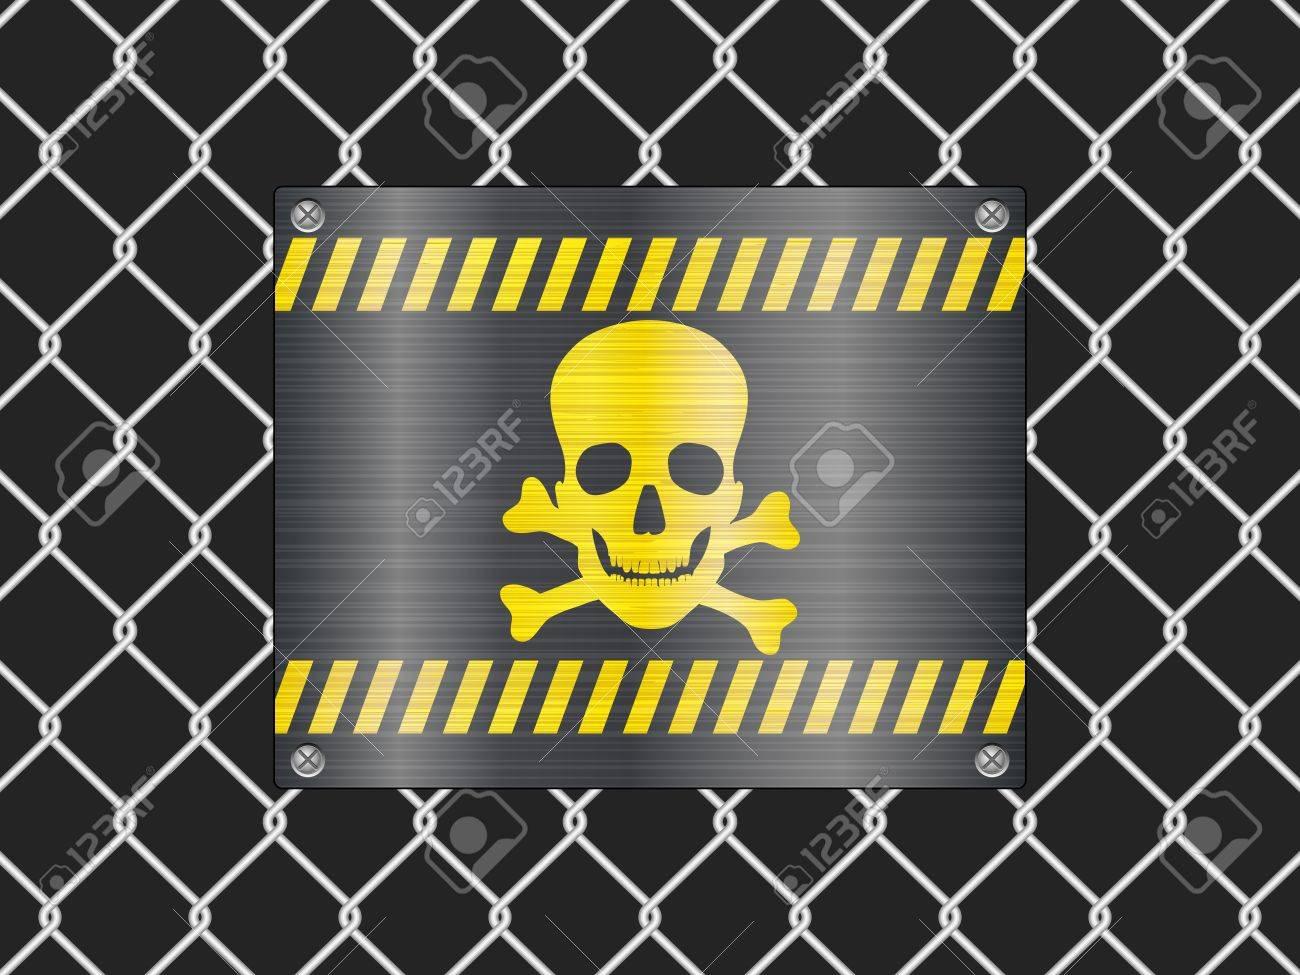 Drahtzaun Und Jolly Roger Zeichen Hintergrund Vektorkühle Lizenzfrei ...